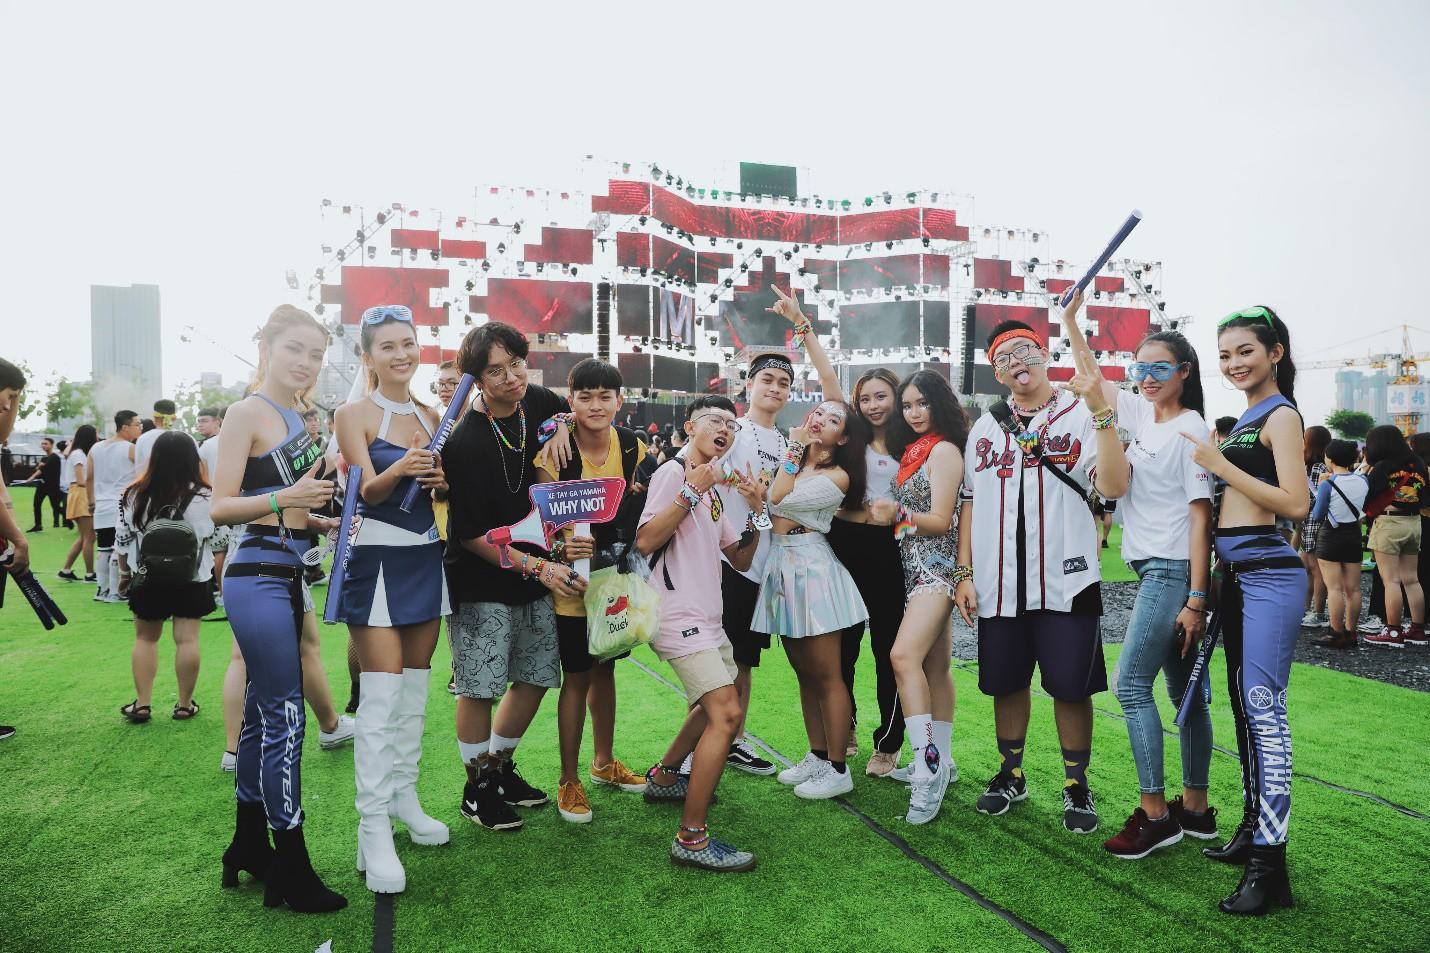 """DJ Minh Trí, Huy DX cùng 4 phù thủy EDM hàng đầu thế giới """"quẩy tung"""" đại hội âm nhạc tại Sài Gòn - Ảnh 6."""